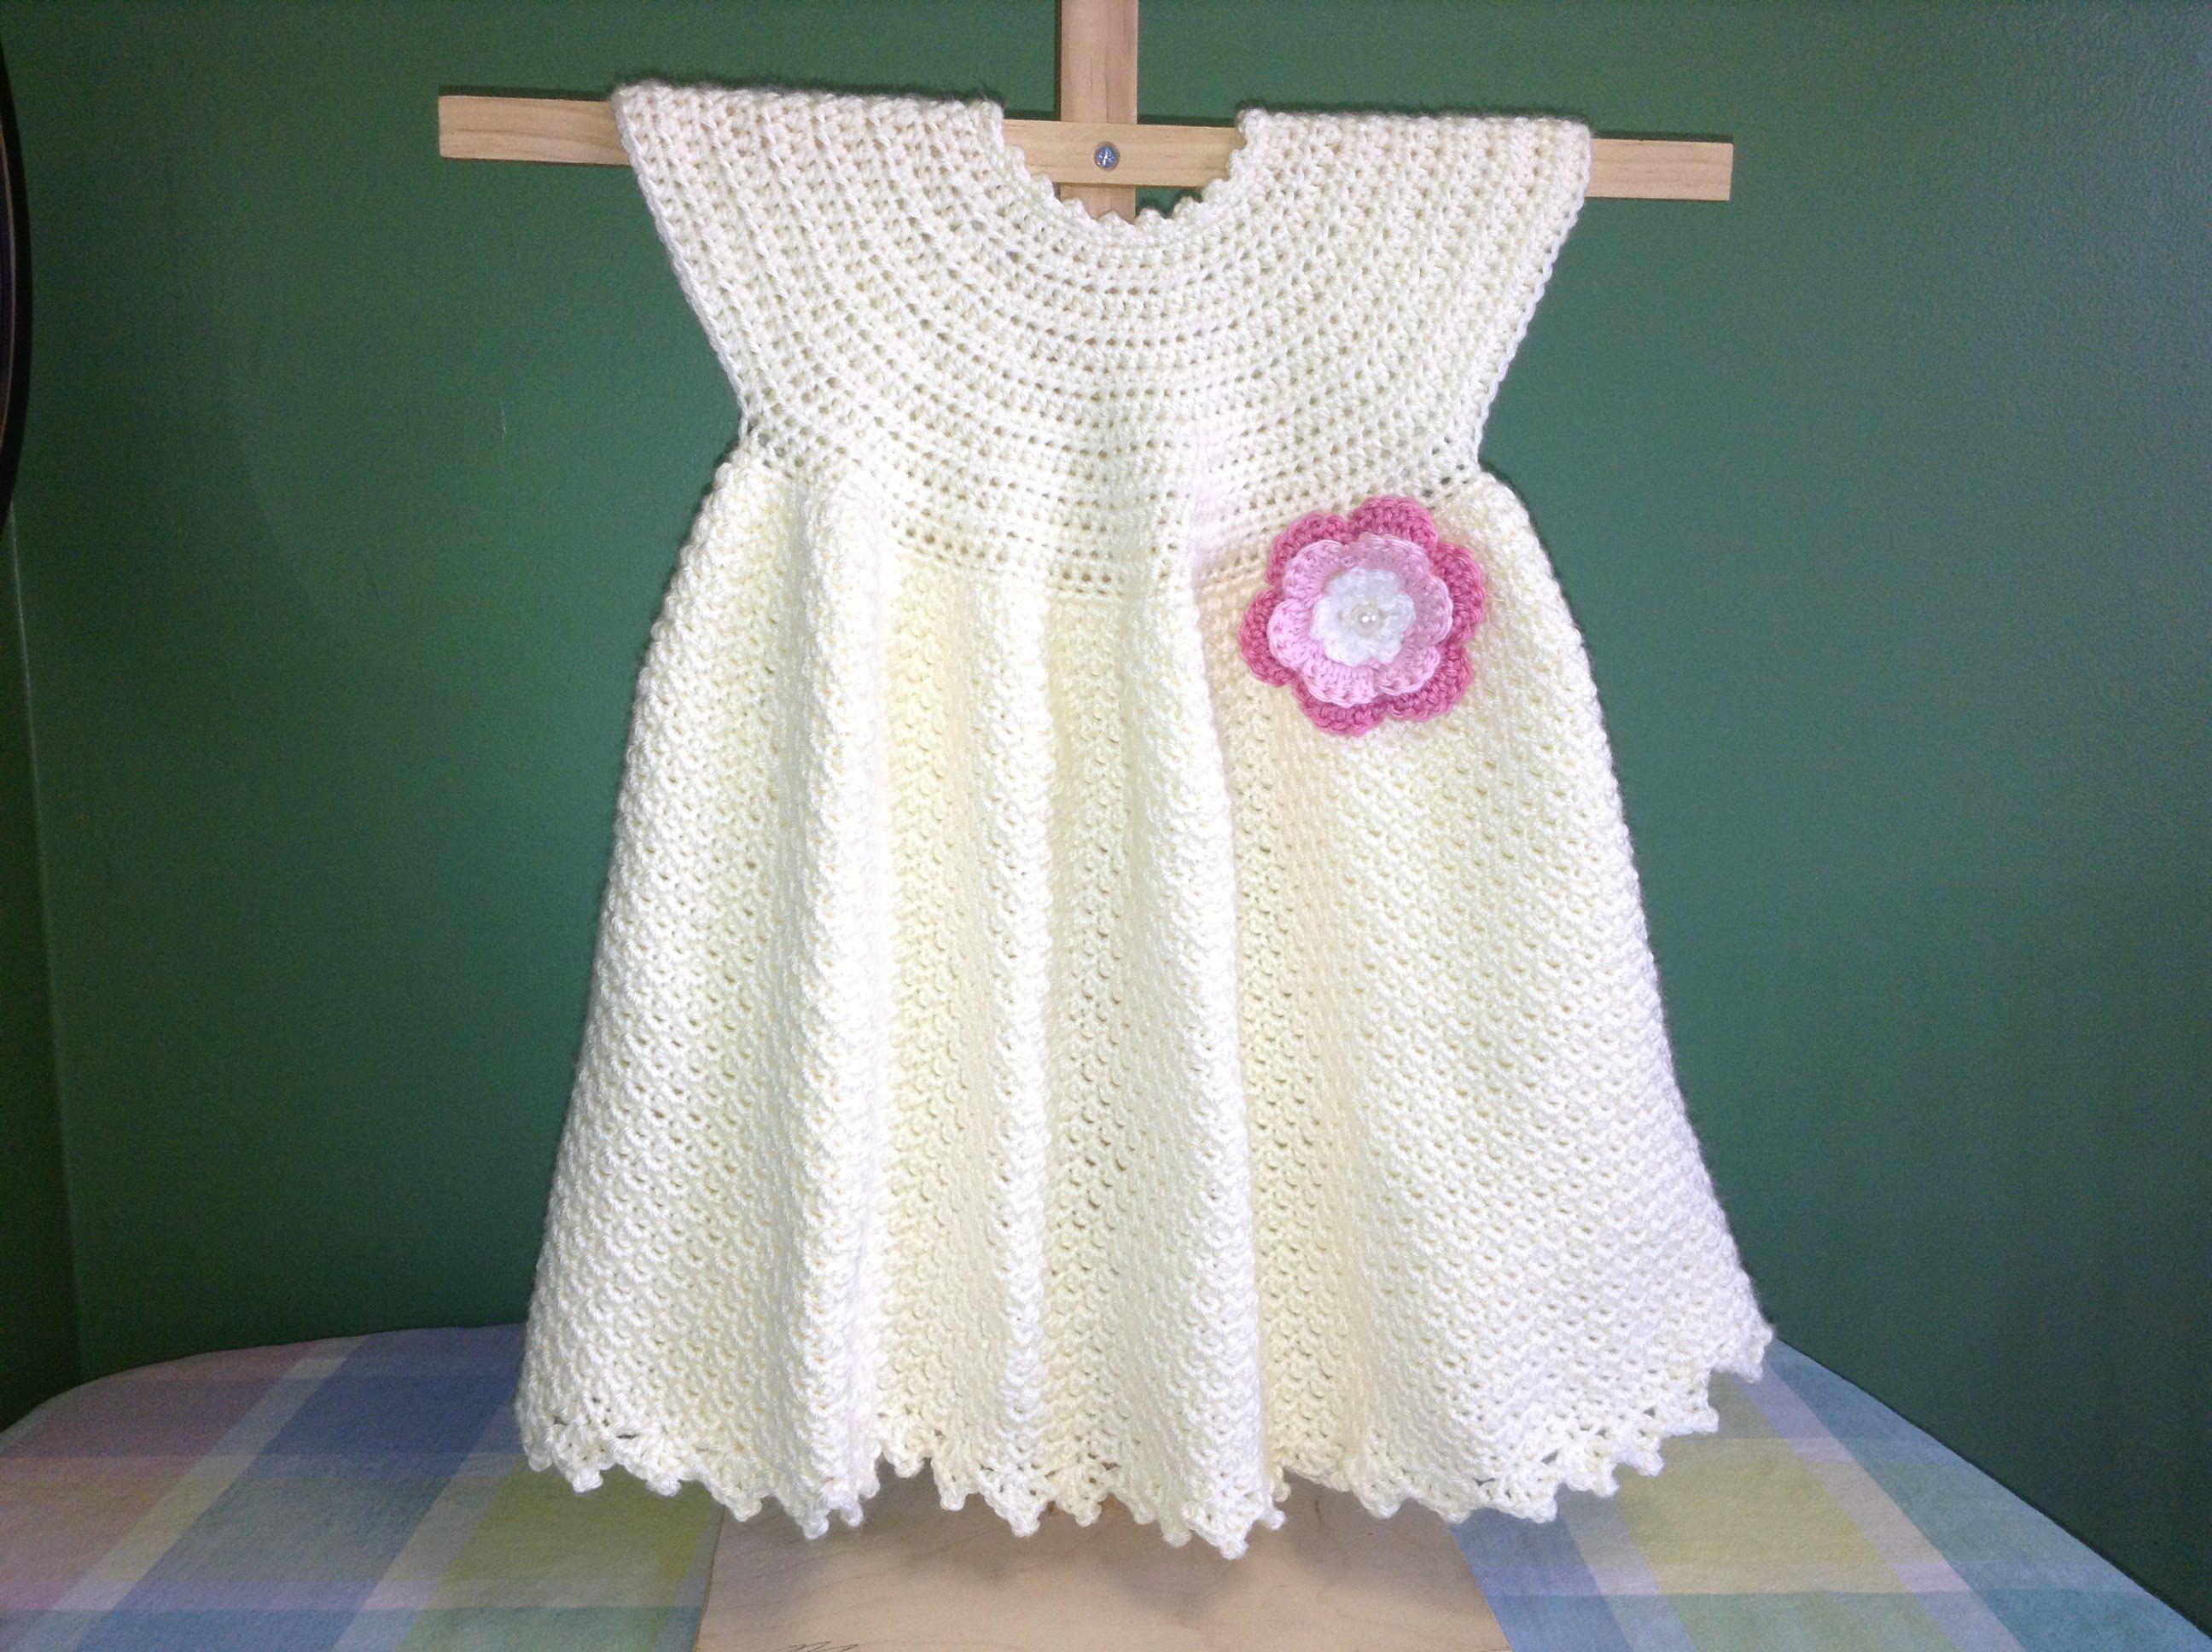 How to Crochet a Baby Dress - Easy (+lista de reproducción ...